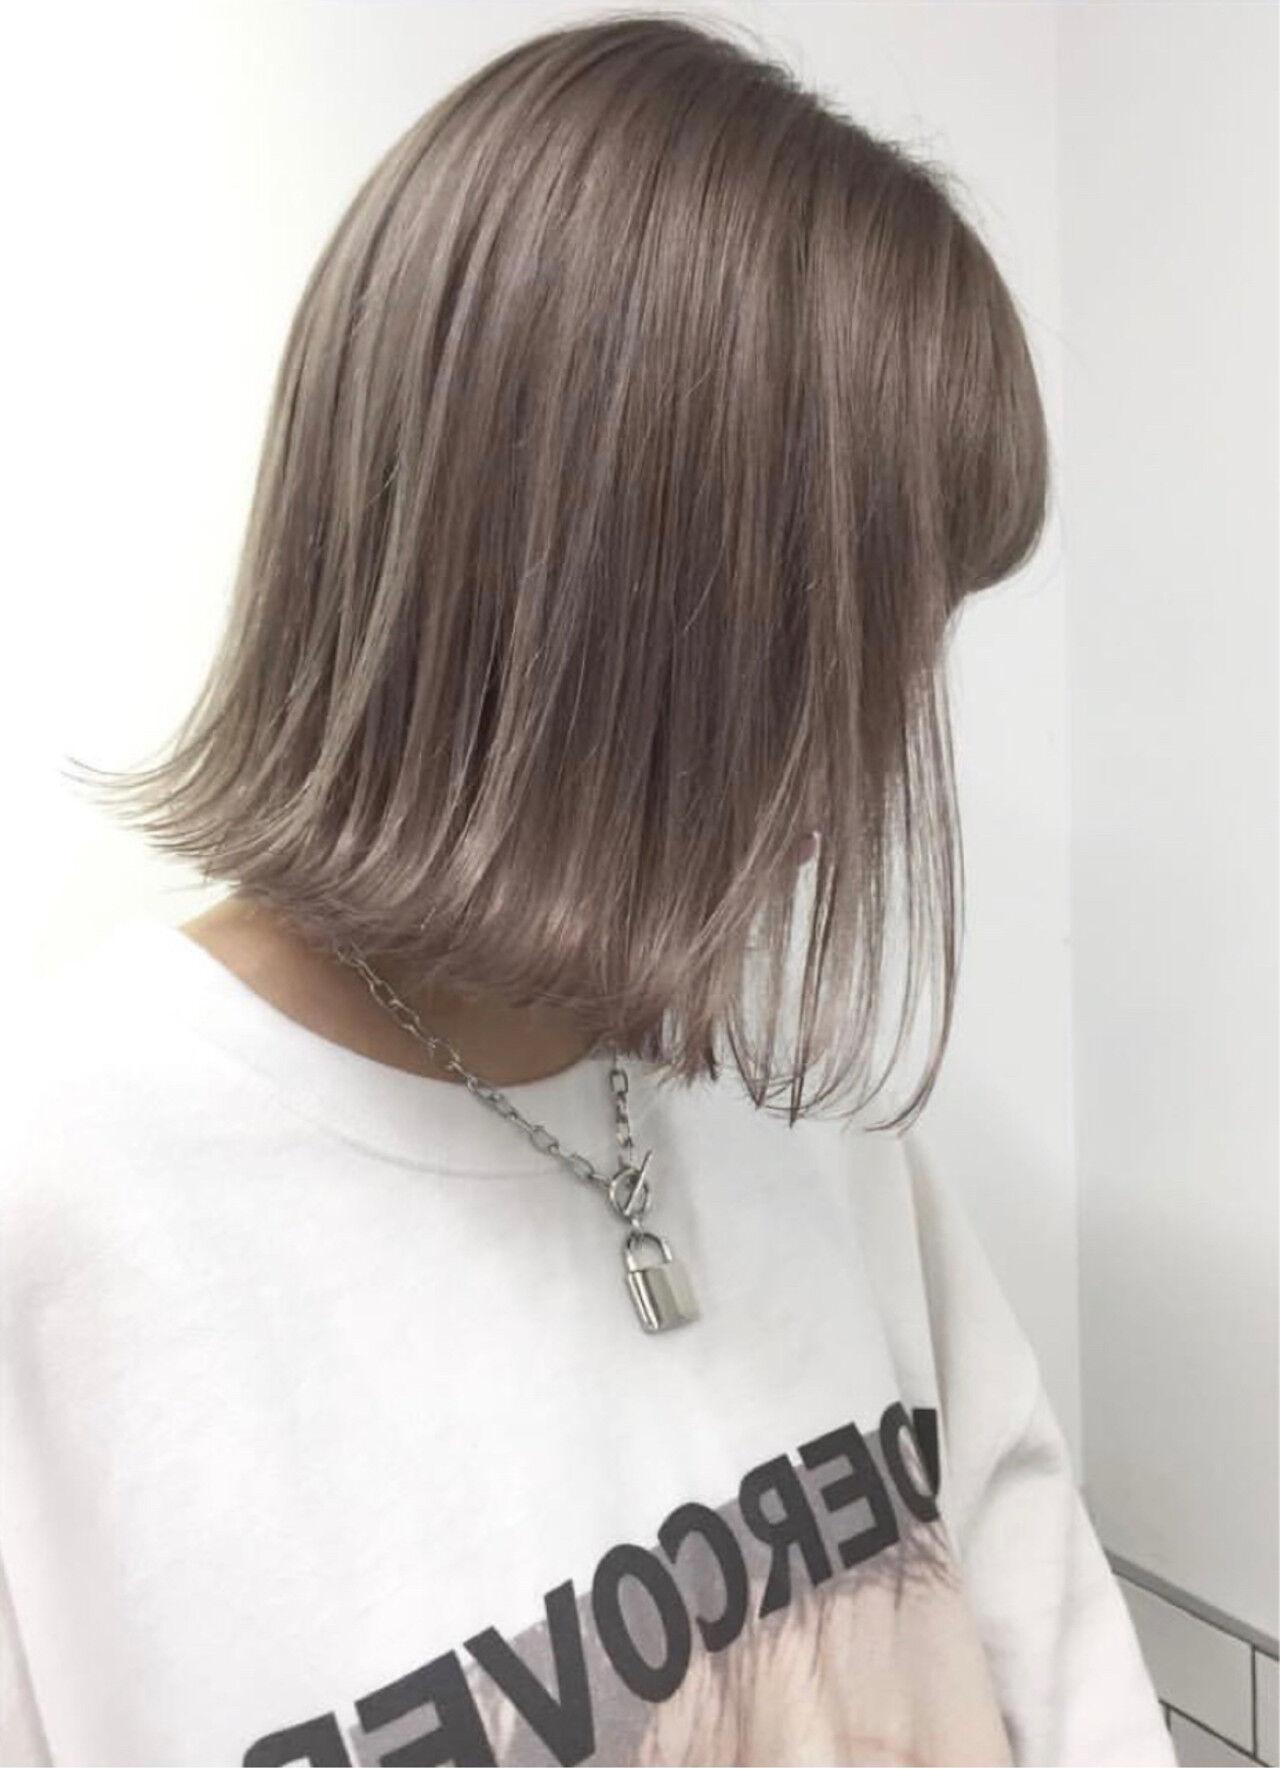 ハイライト ボブ ストリート ヘアアレンジヘアスタイルや髪型の写真・画像